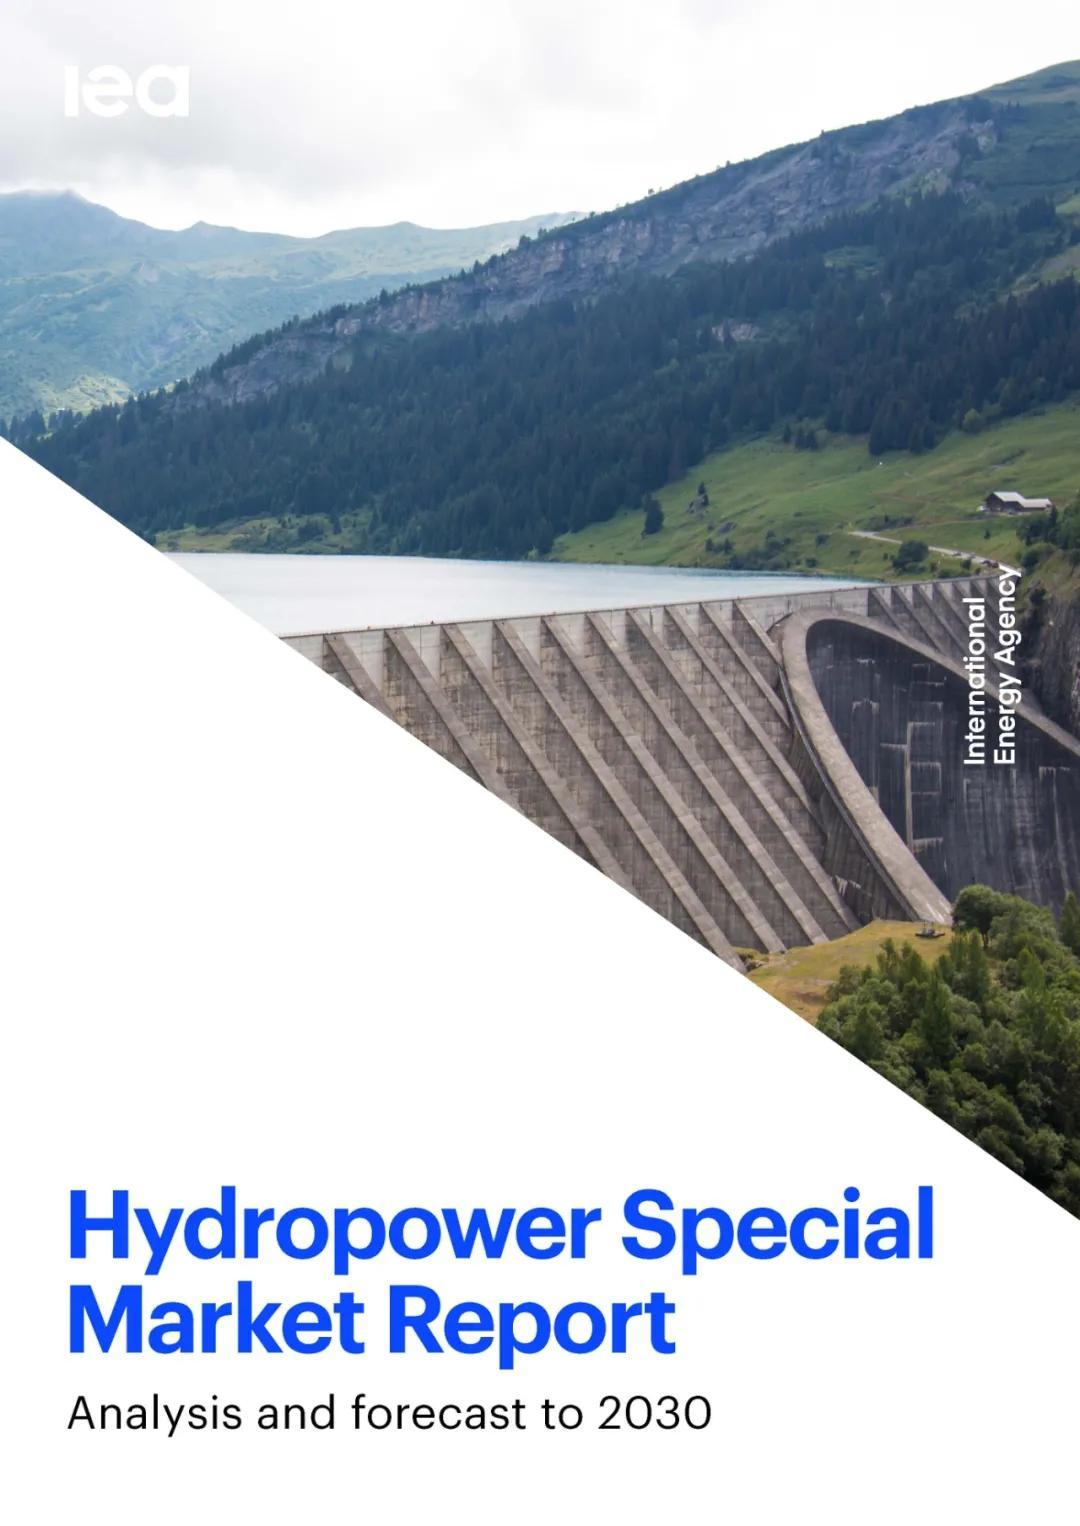 IEA发布《水电特别市场报告》:水电面临多重挑战,中国引领全球水电发展